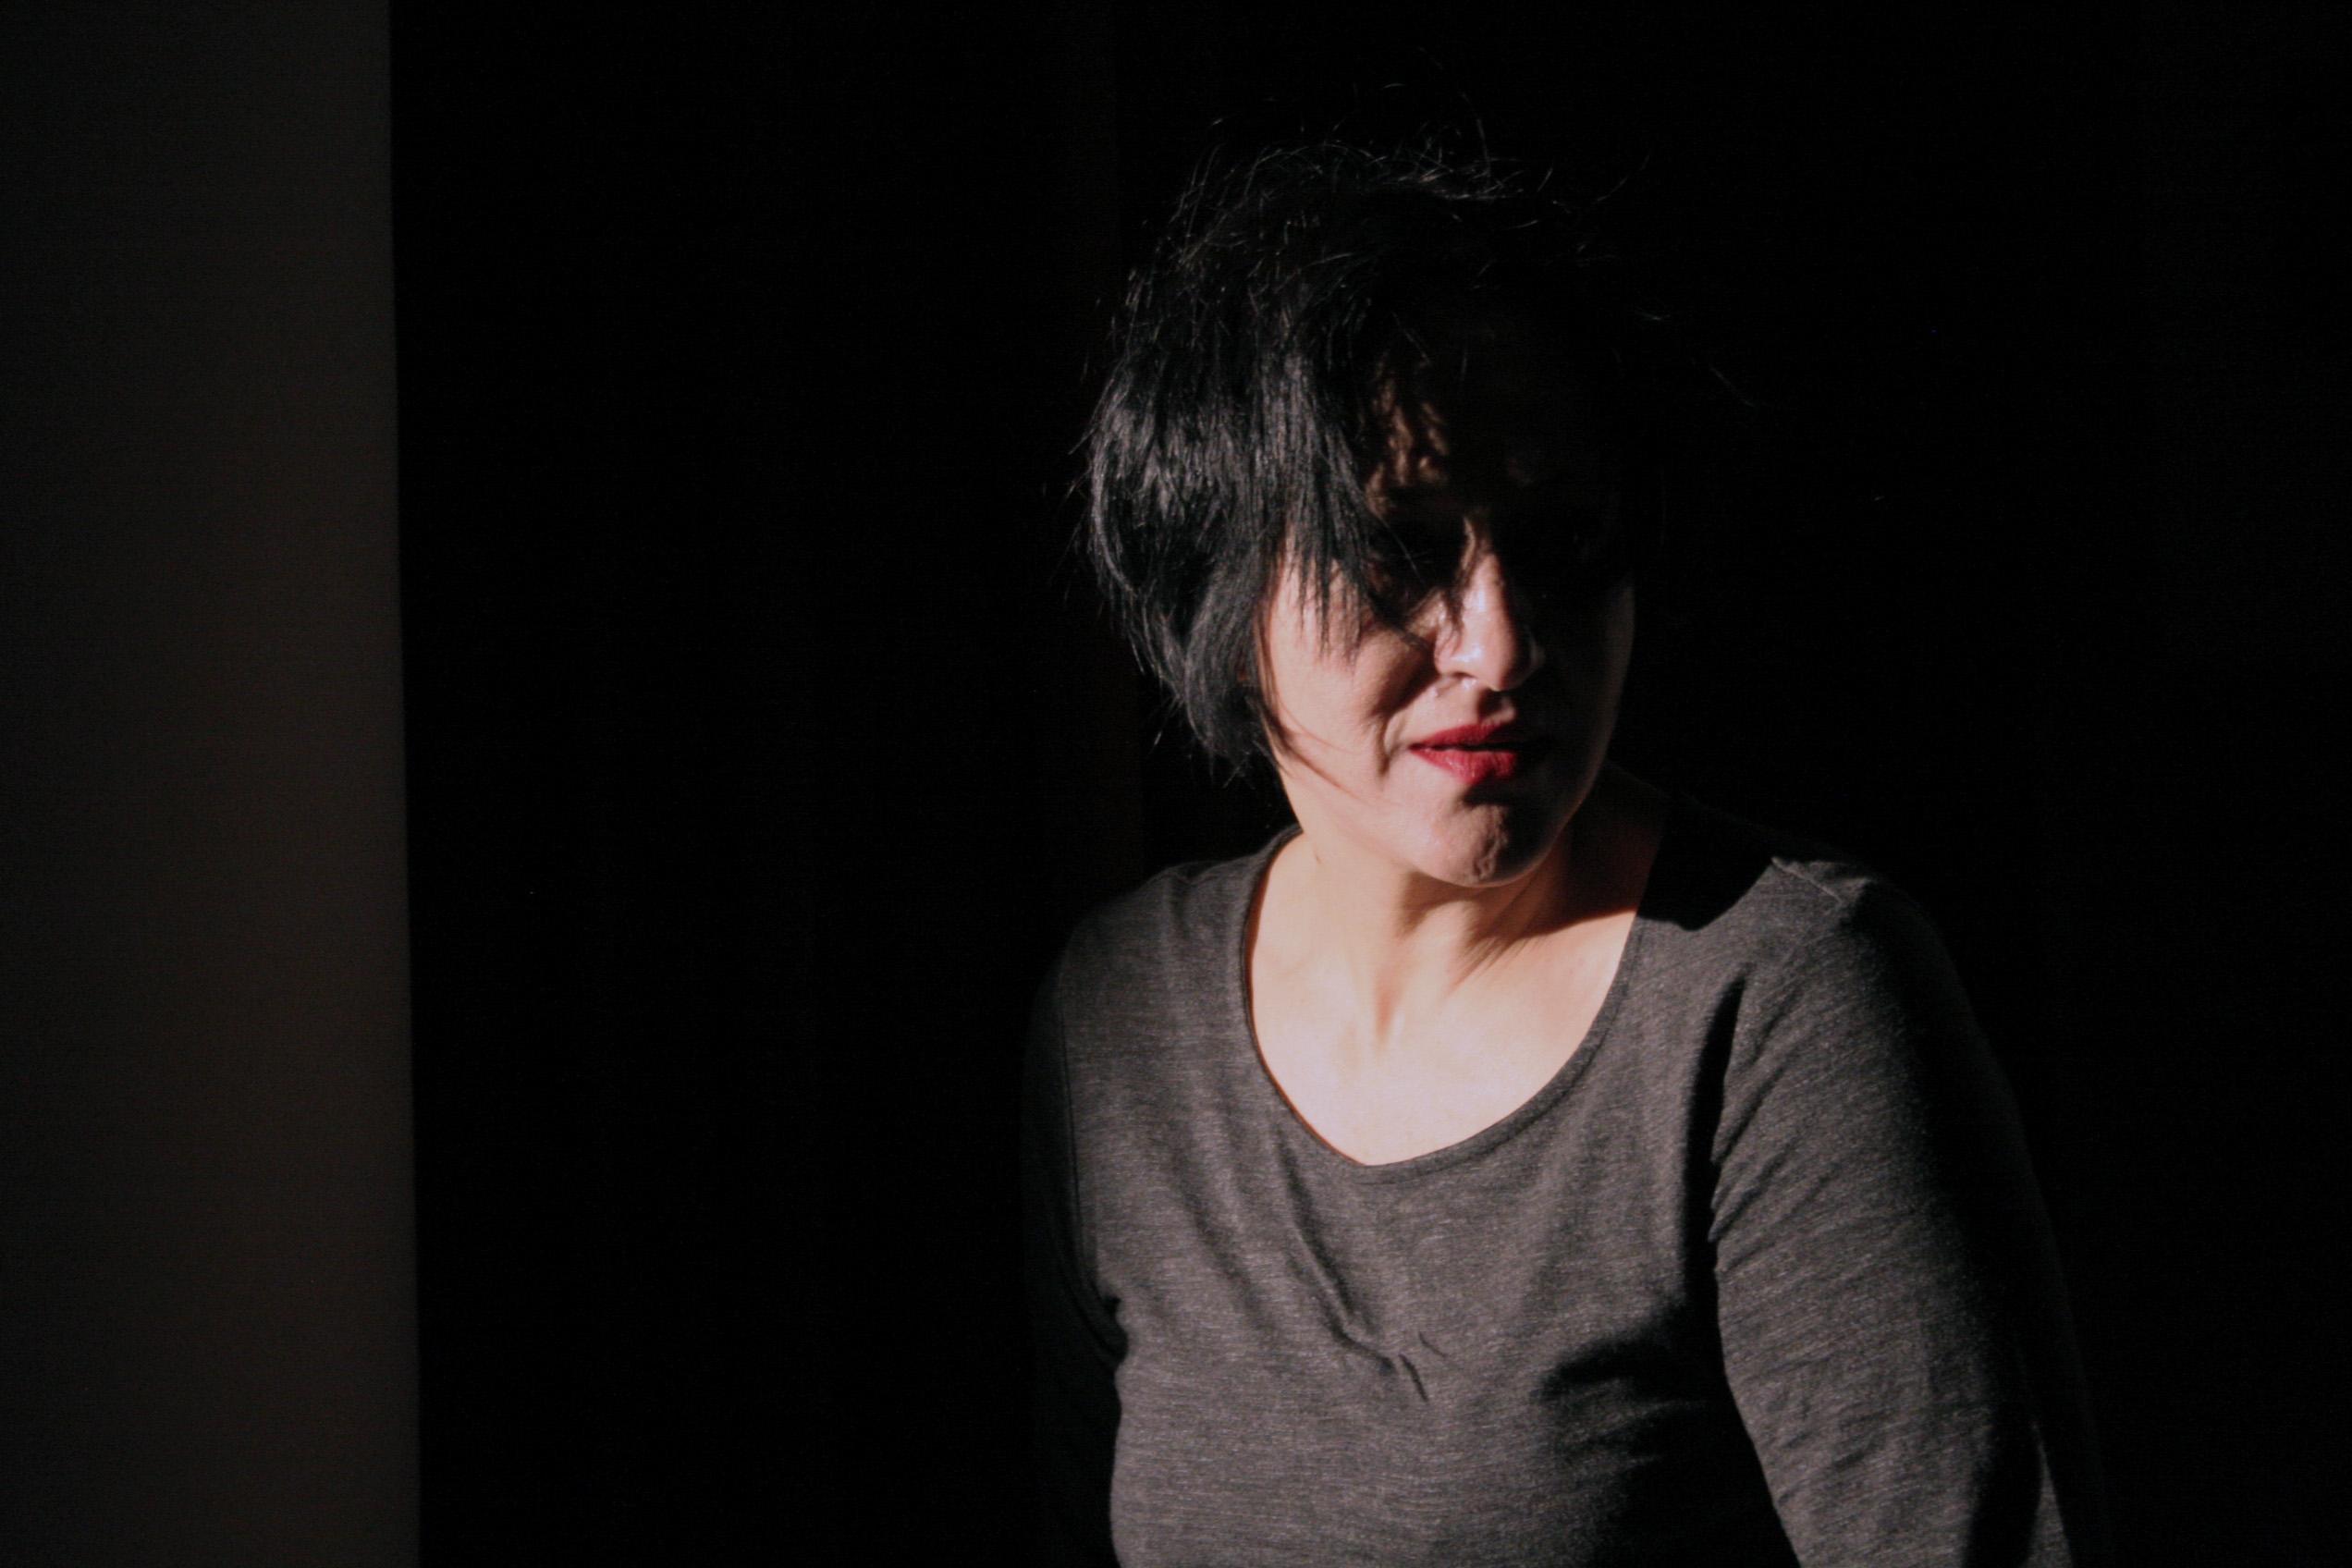 fotó: Barta Árpád